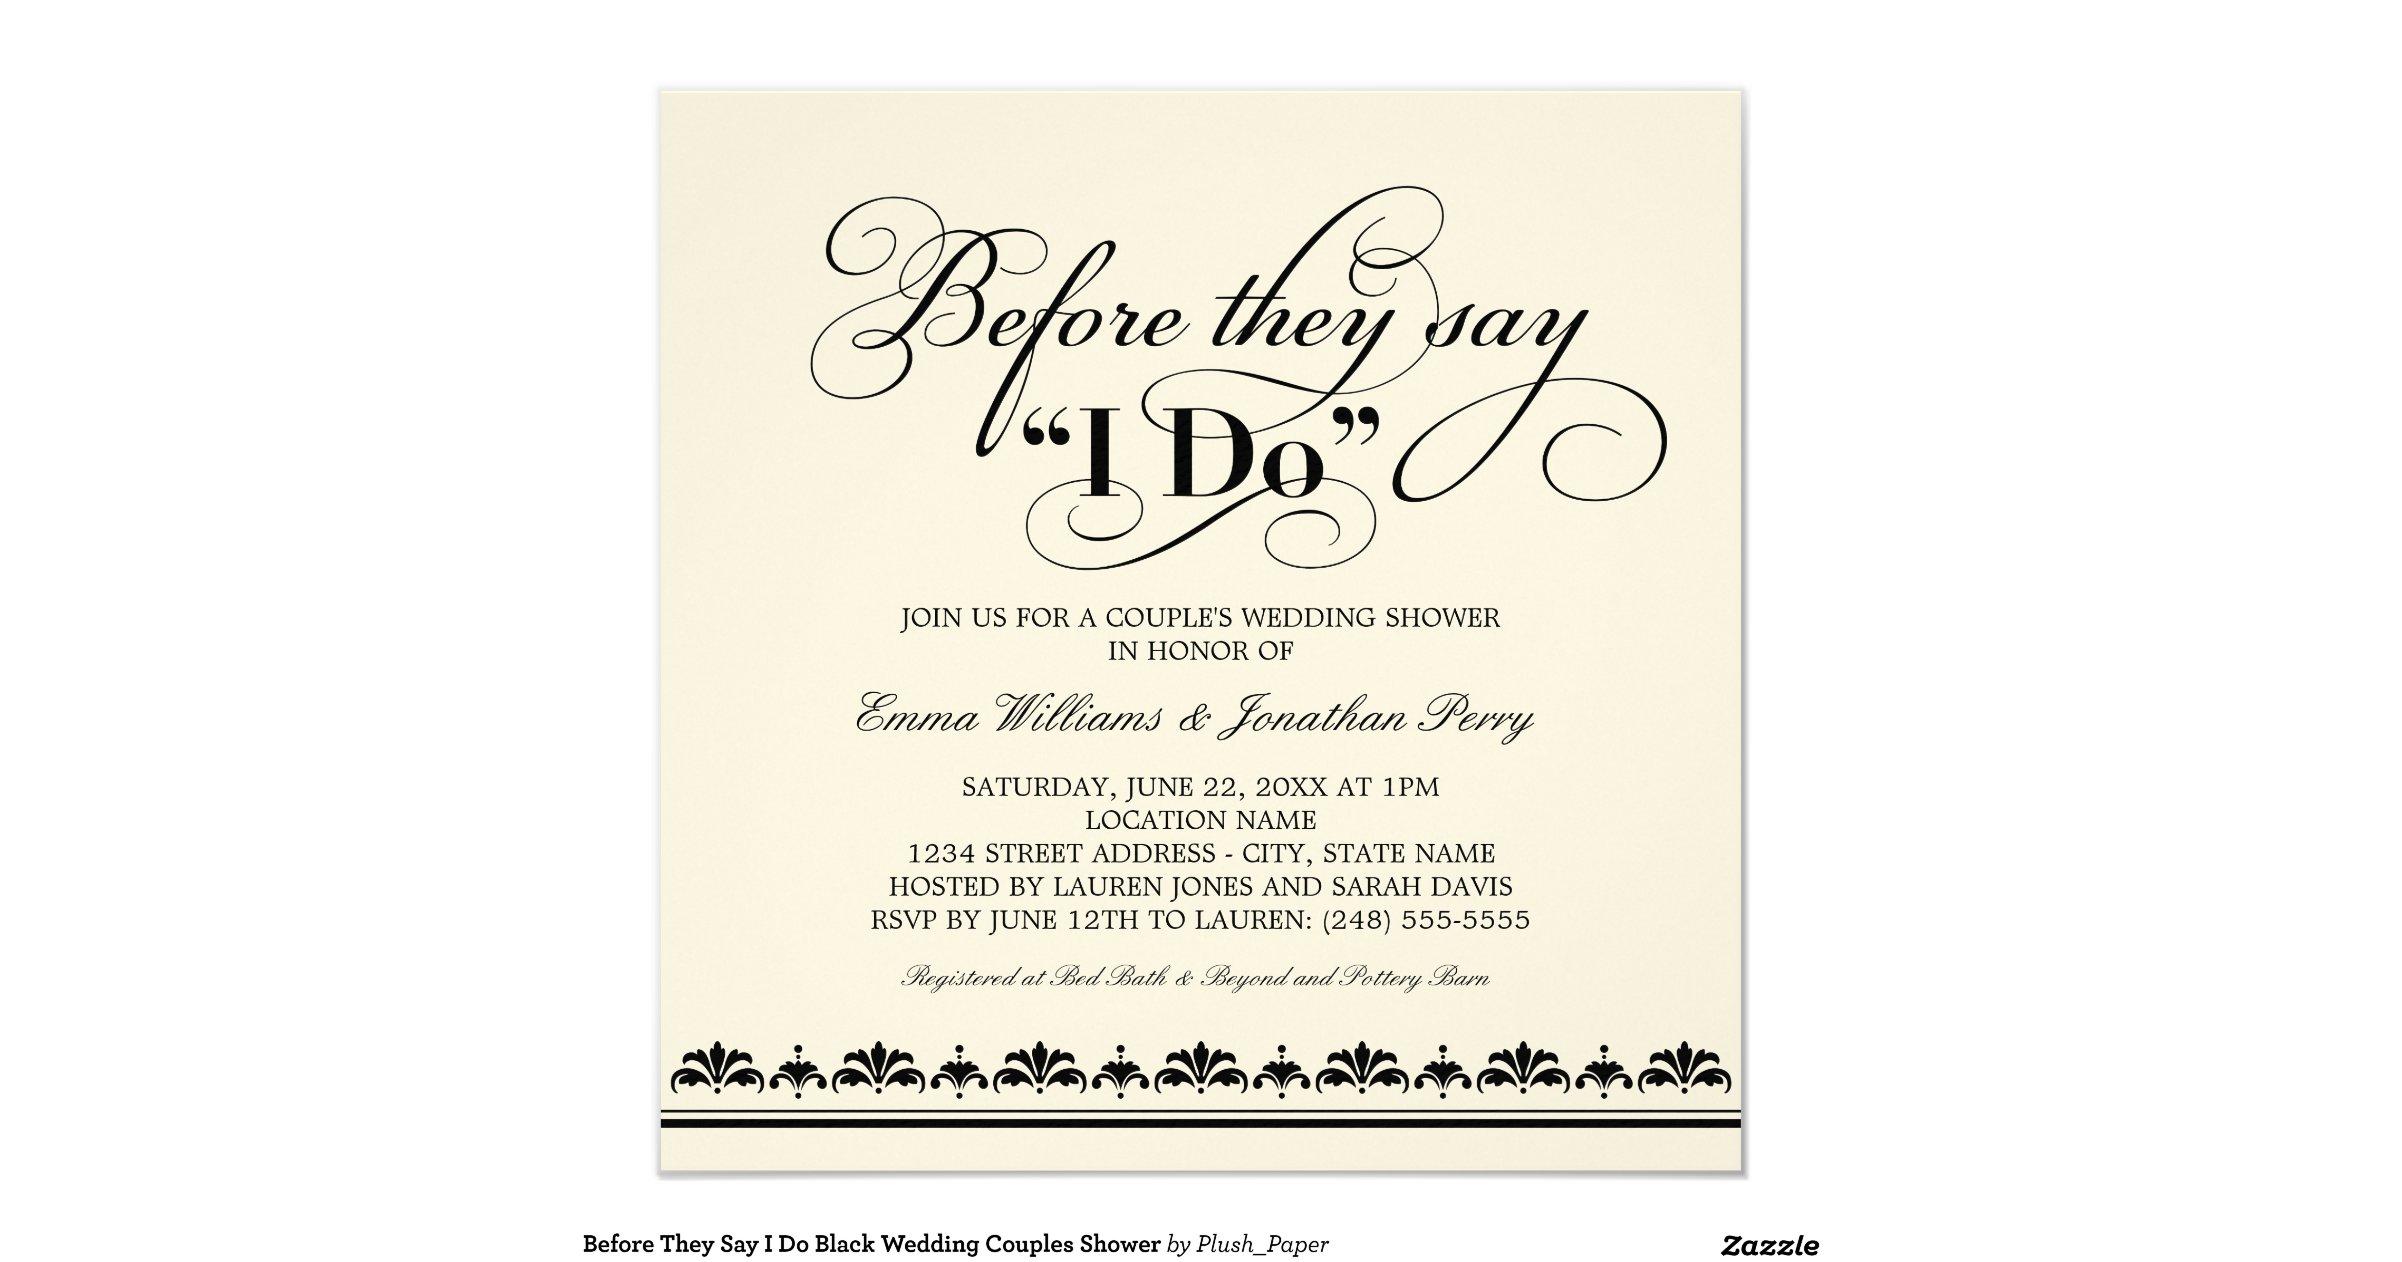 Couples Wedding Shower Invitation Wedding Vows R8cc5c5d193d743dc8e97d6c158c95772 Zk91m 1200